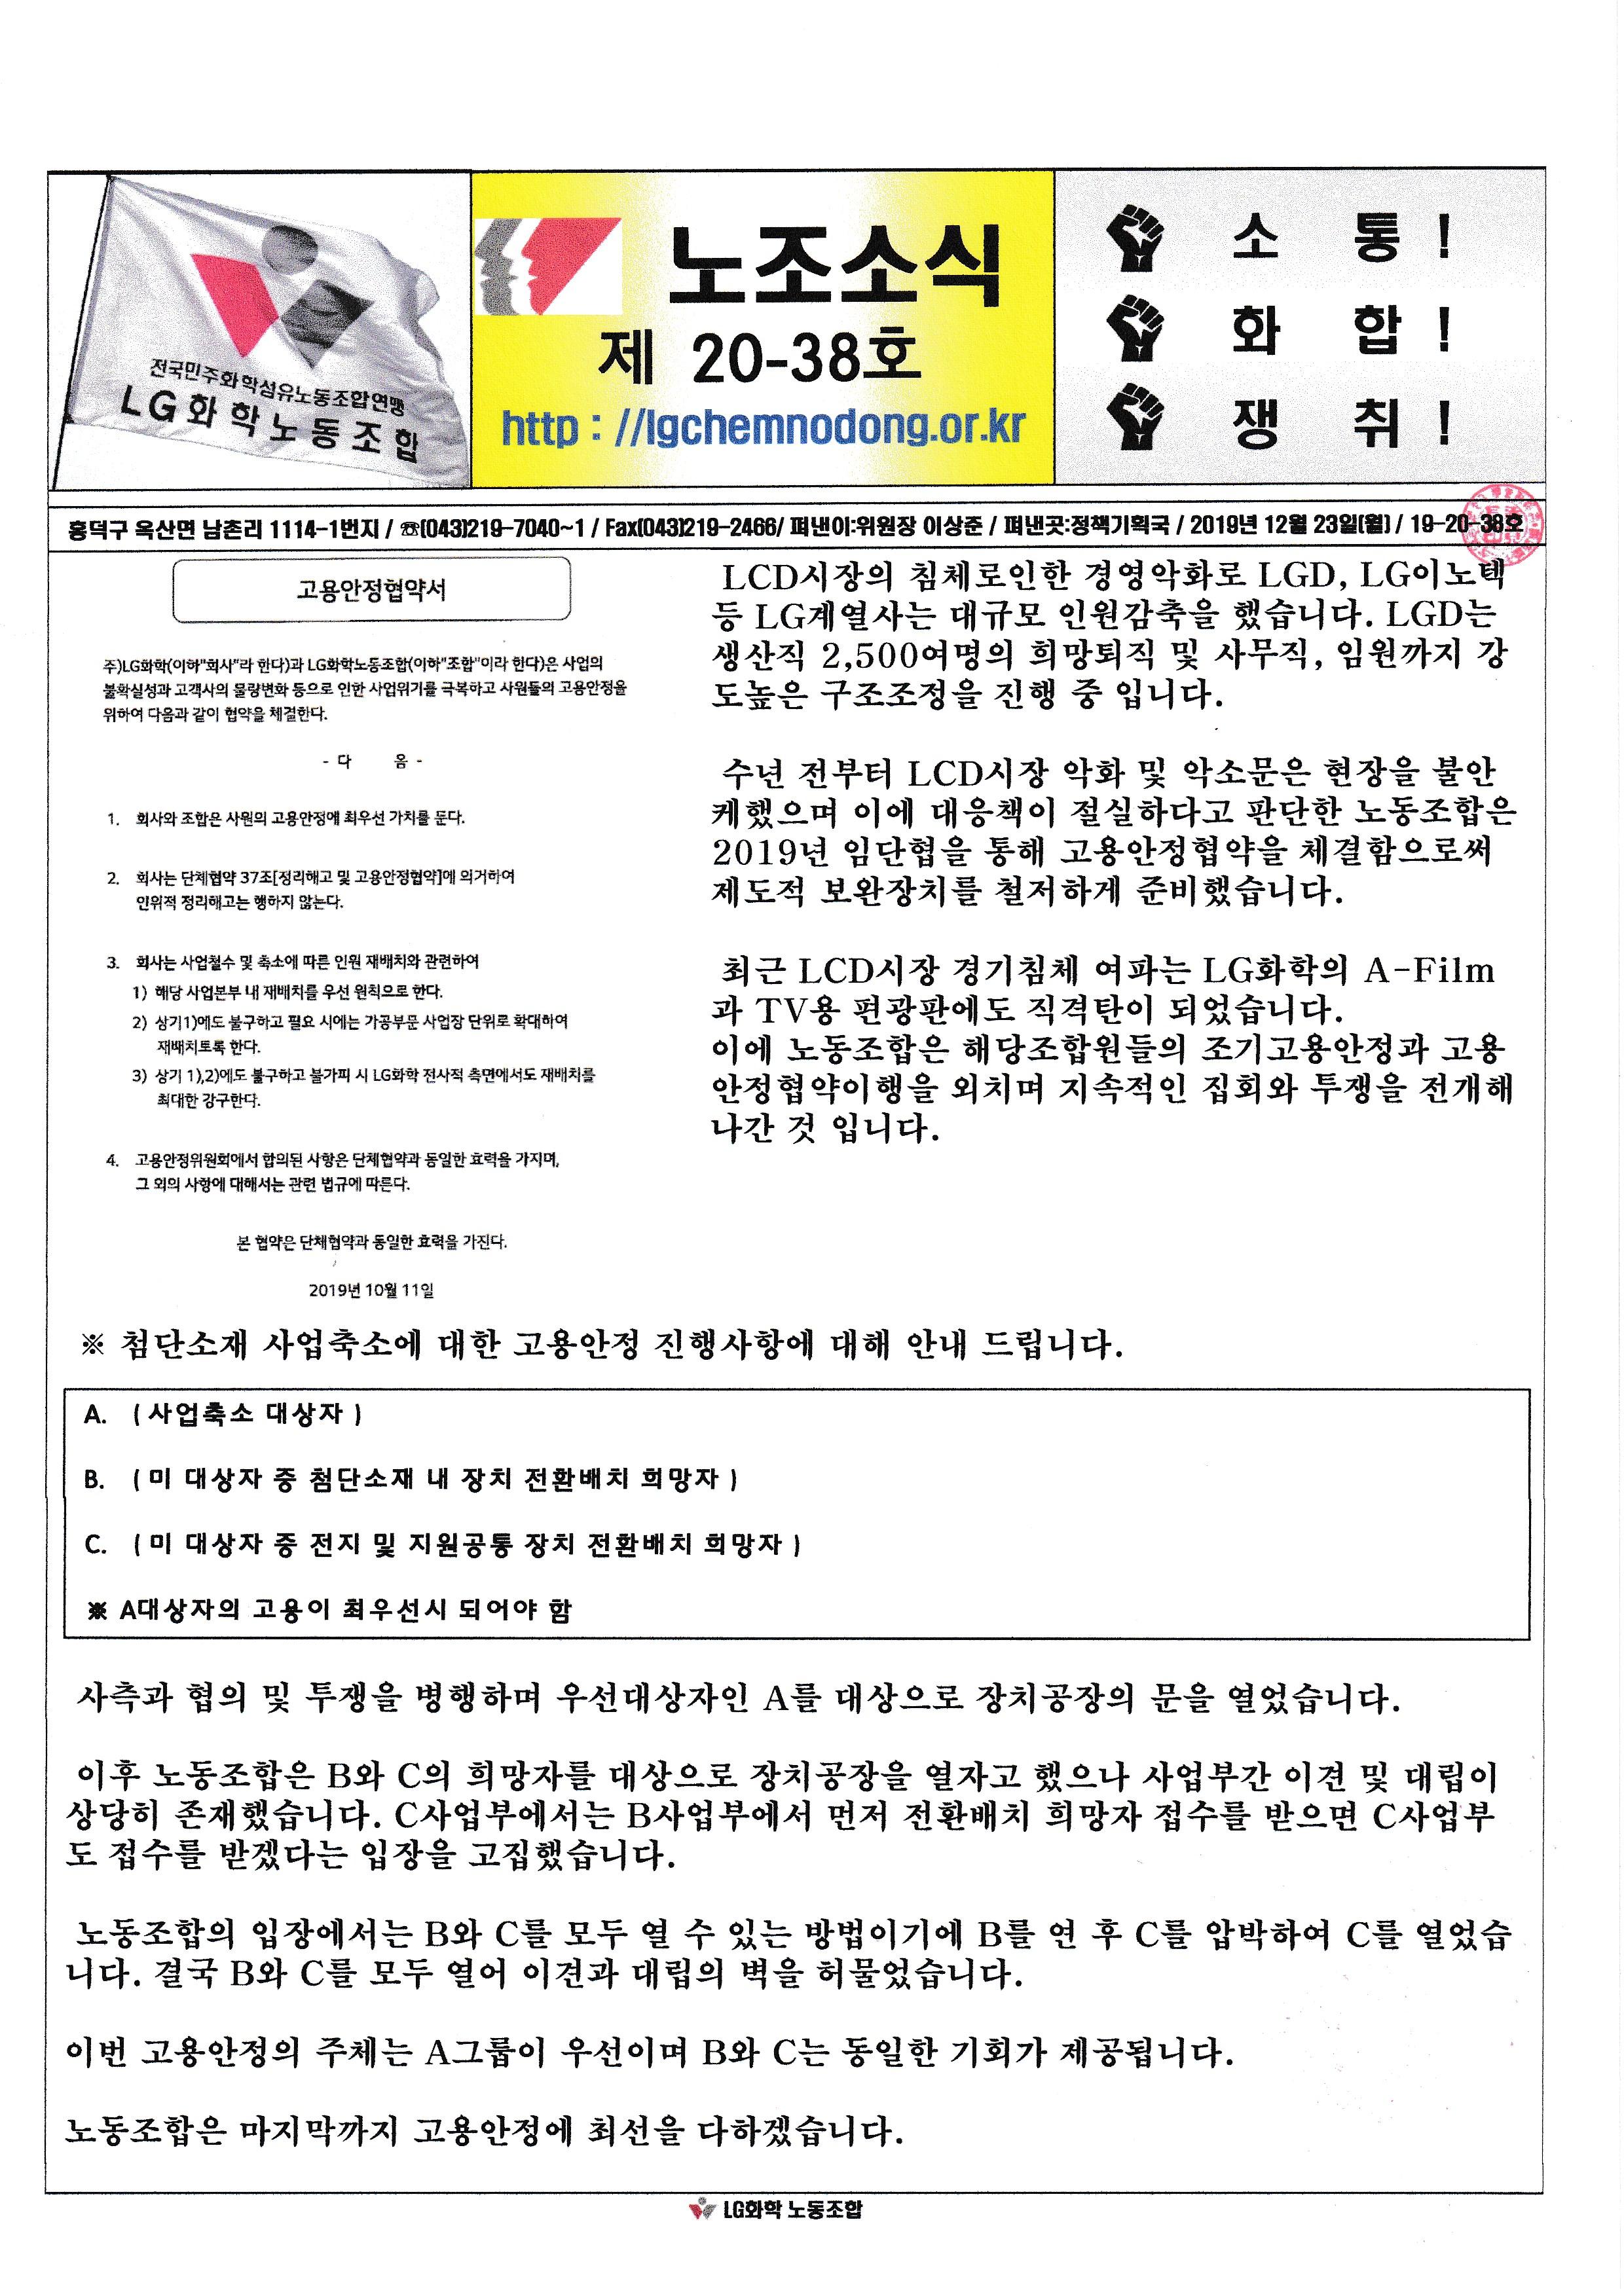 노조소식지 20-38호(19.12.23)